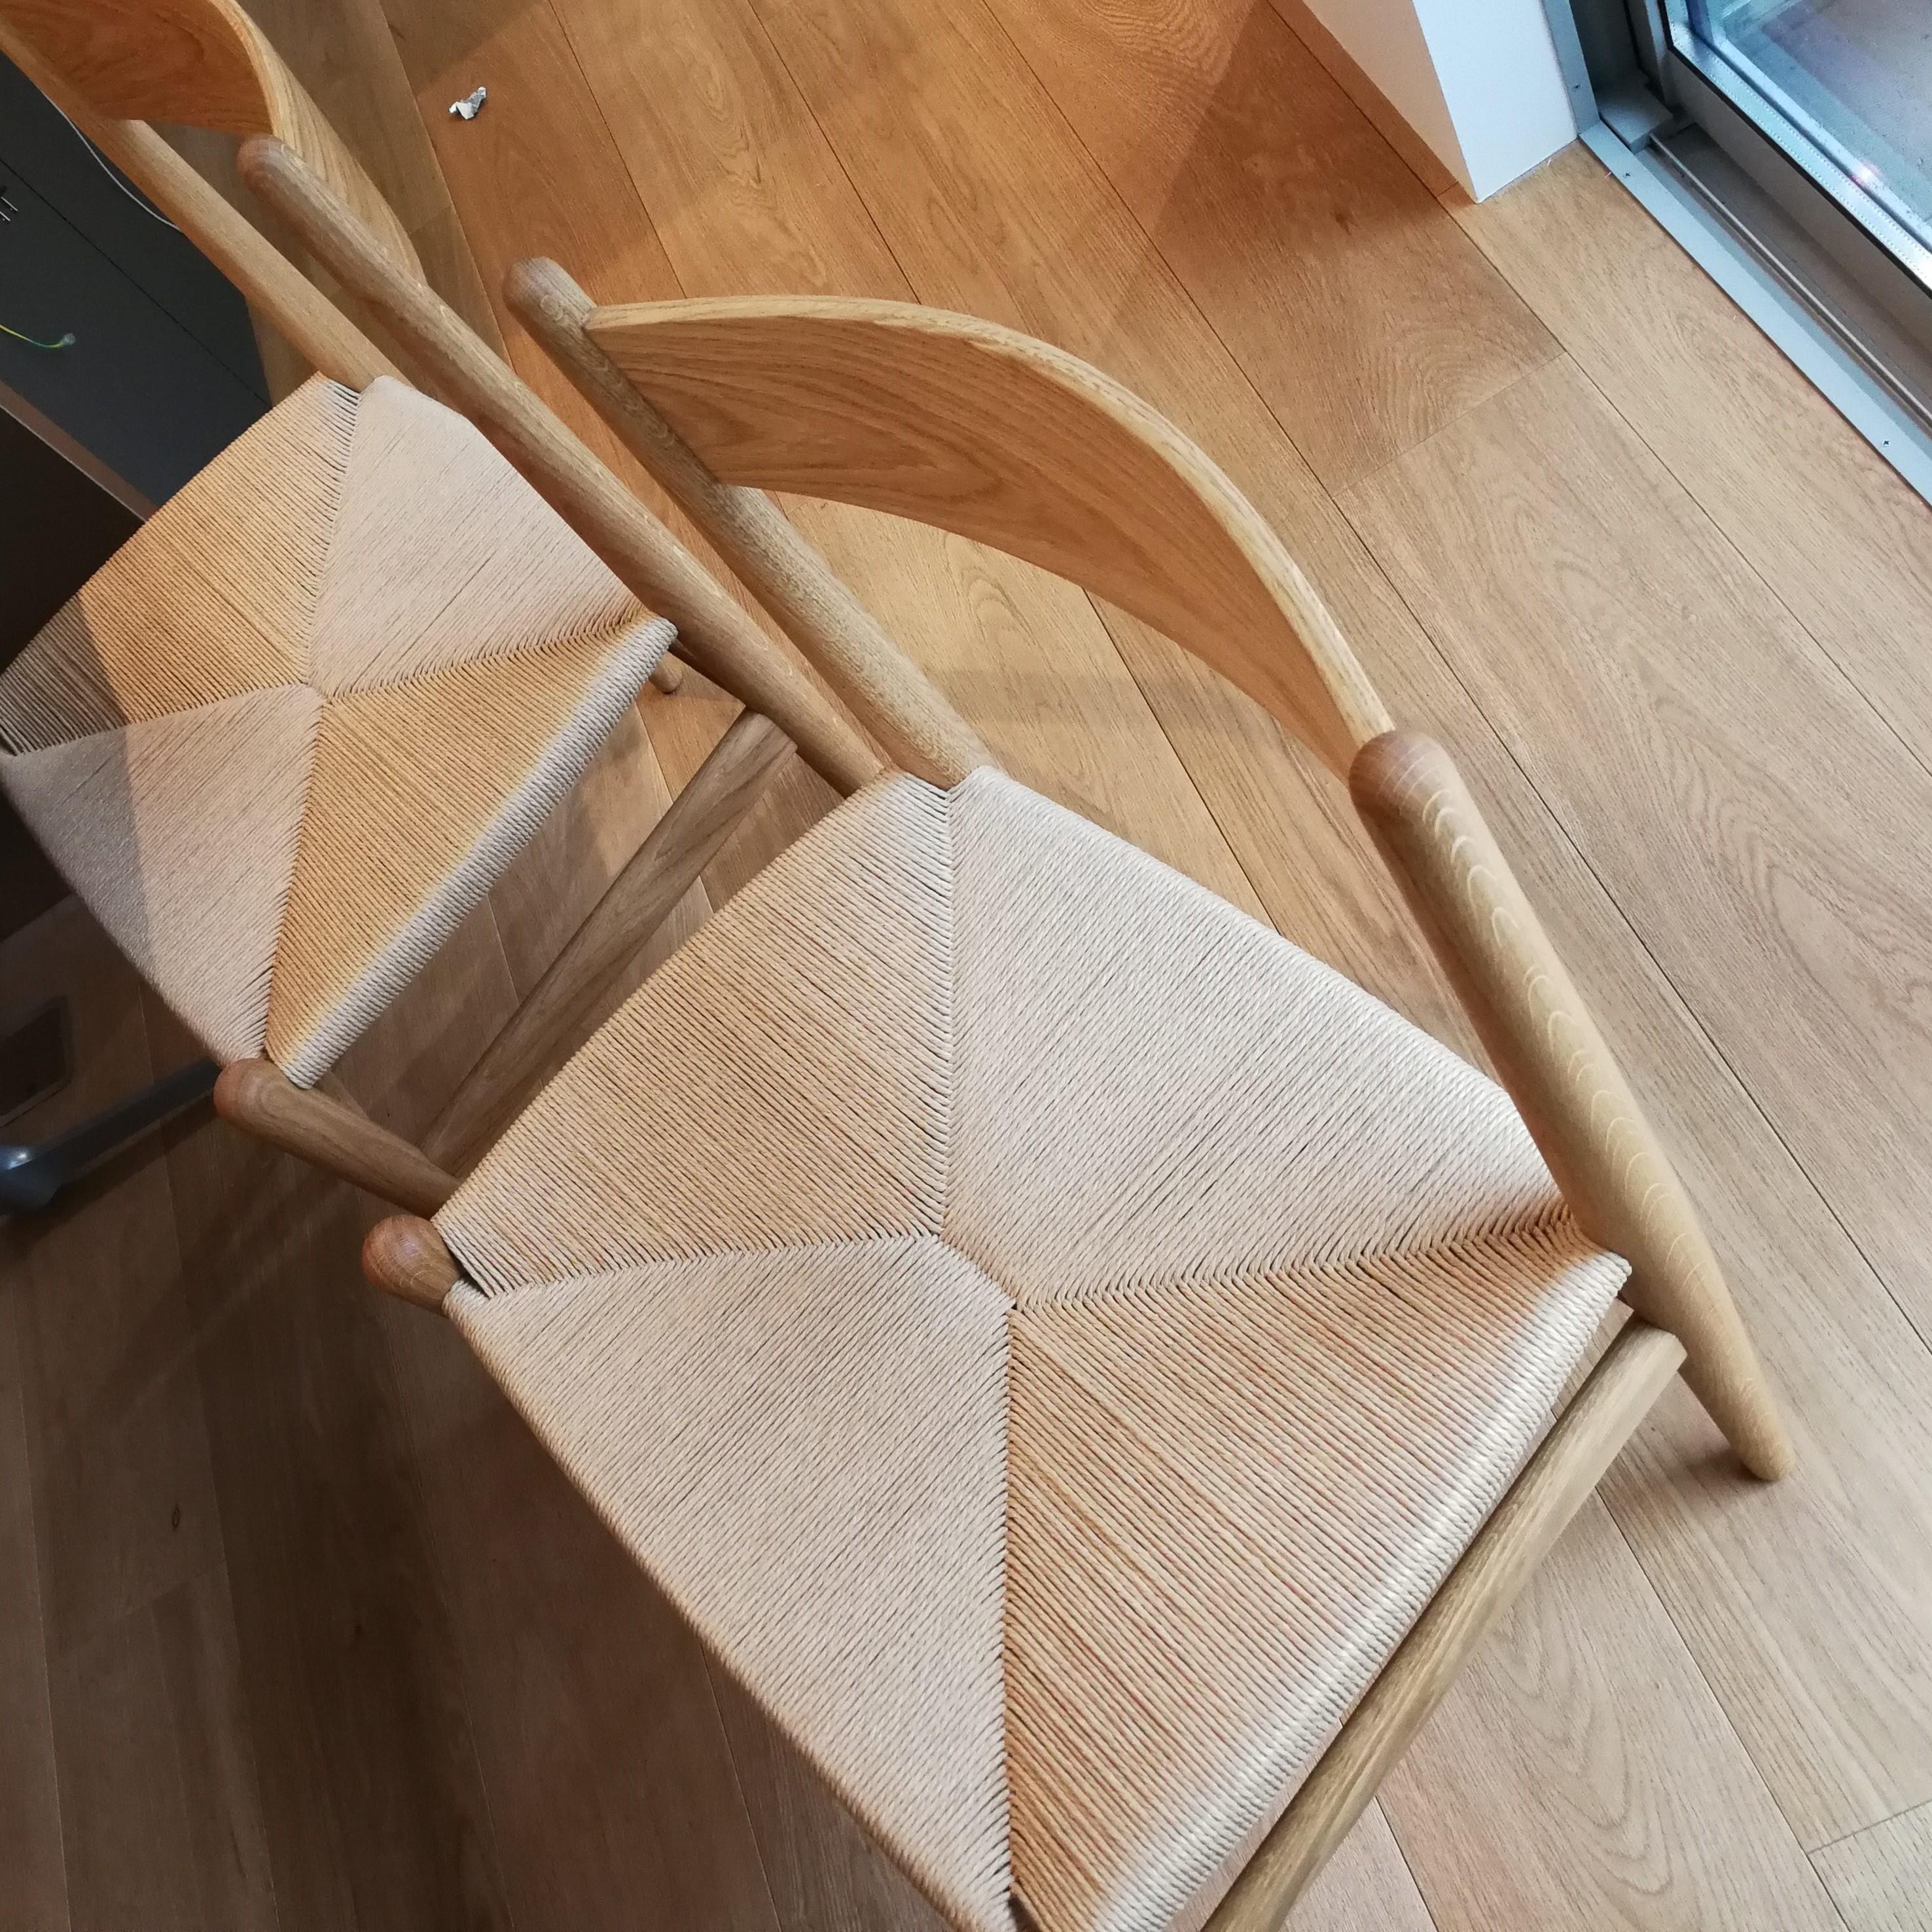 新しい住まいの新しい椅子